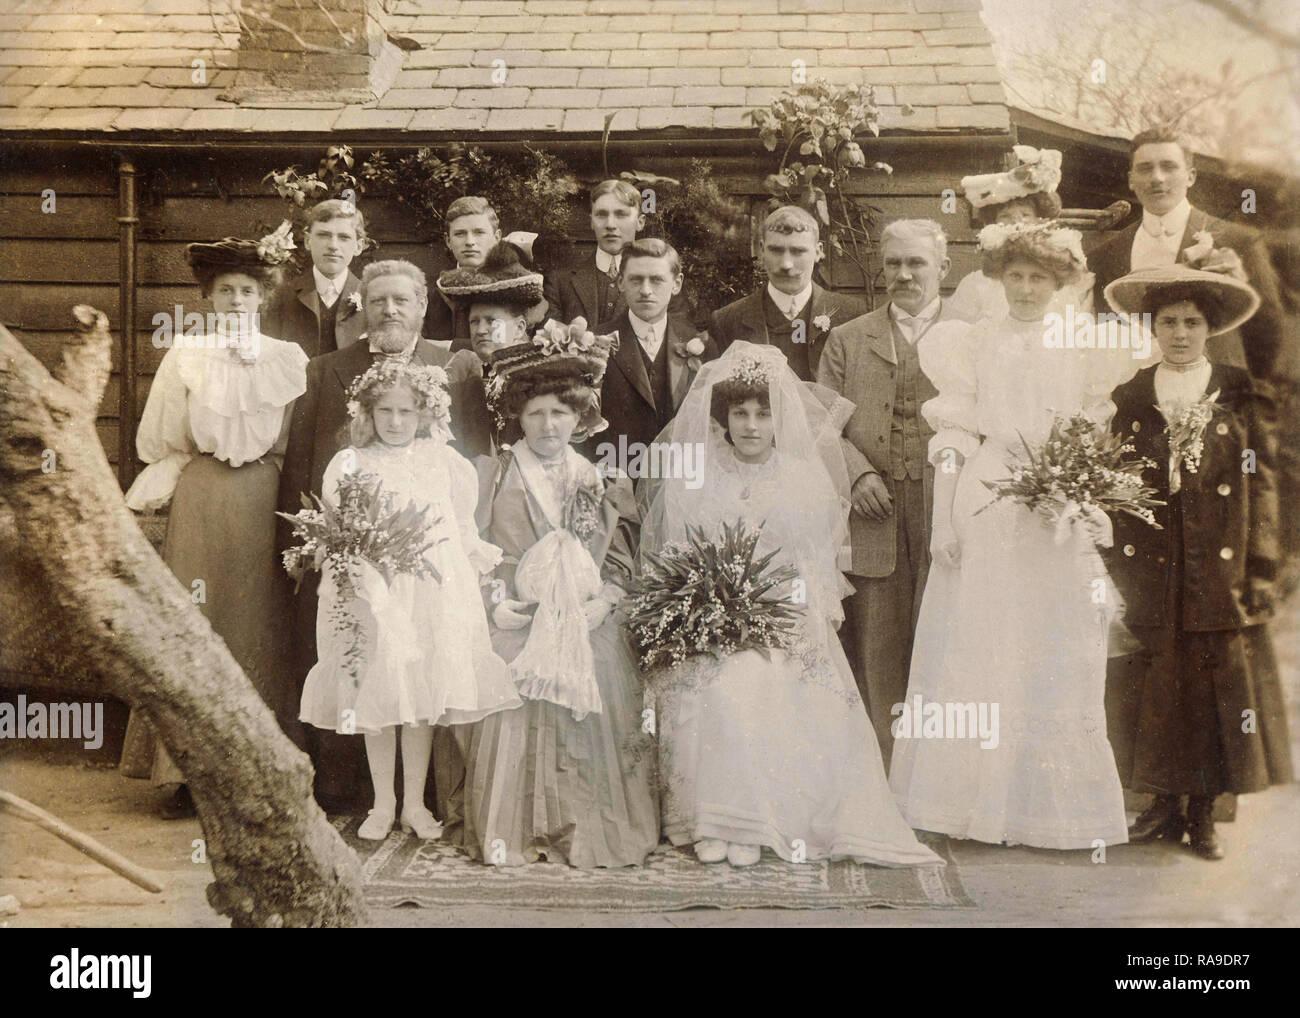 Archivio Storico di immagine del matrimonio, Kent, Inghilterra, c1910s Immagini Stock